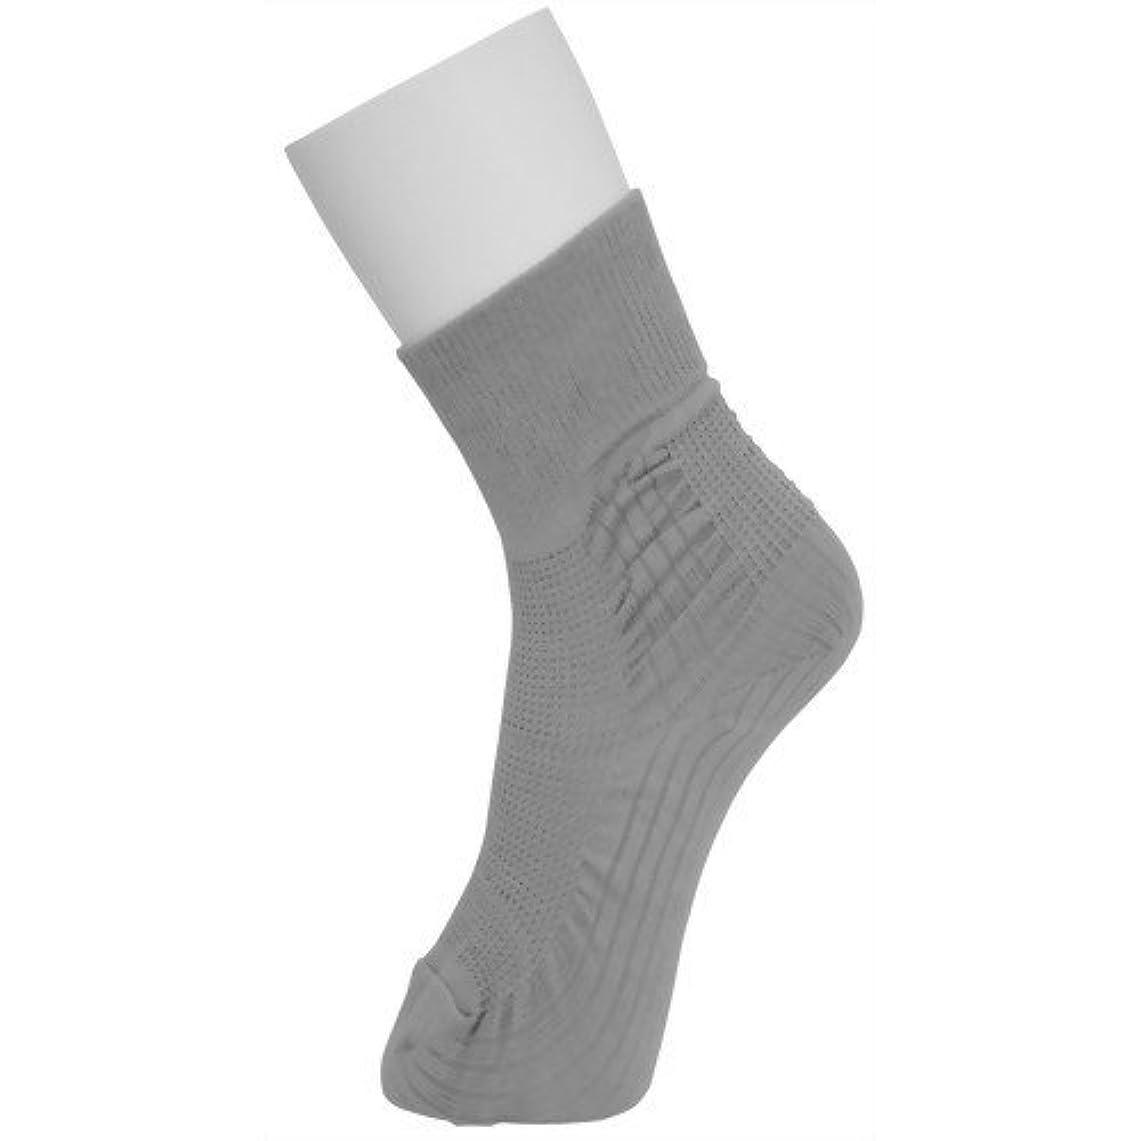 目に見えるカンガルーエクステント転倒予防靴下 アガルーノ 同色?同サイズ 2枚組 (26-27cm, グレー)